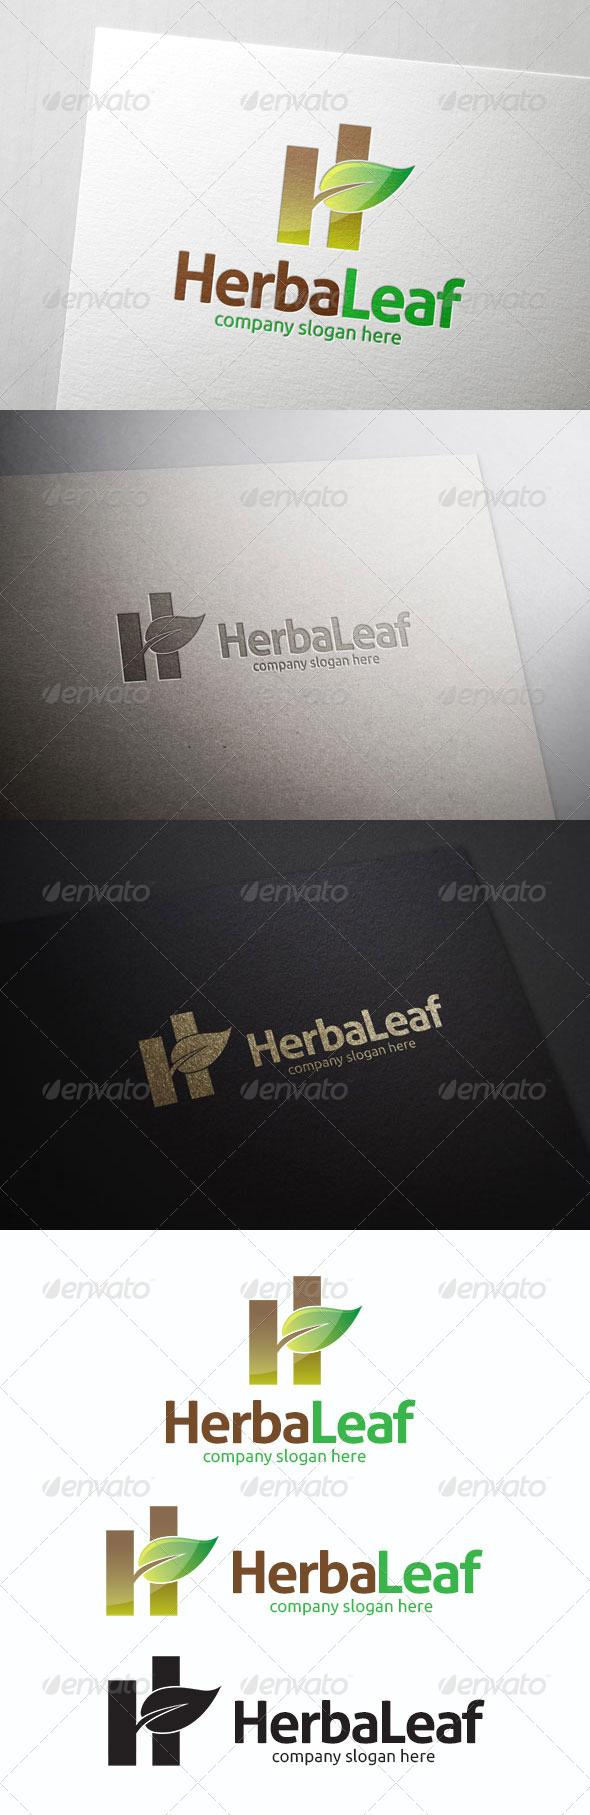 GraphicRiver Herbaleaf Logo 8320037